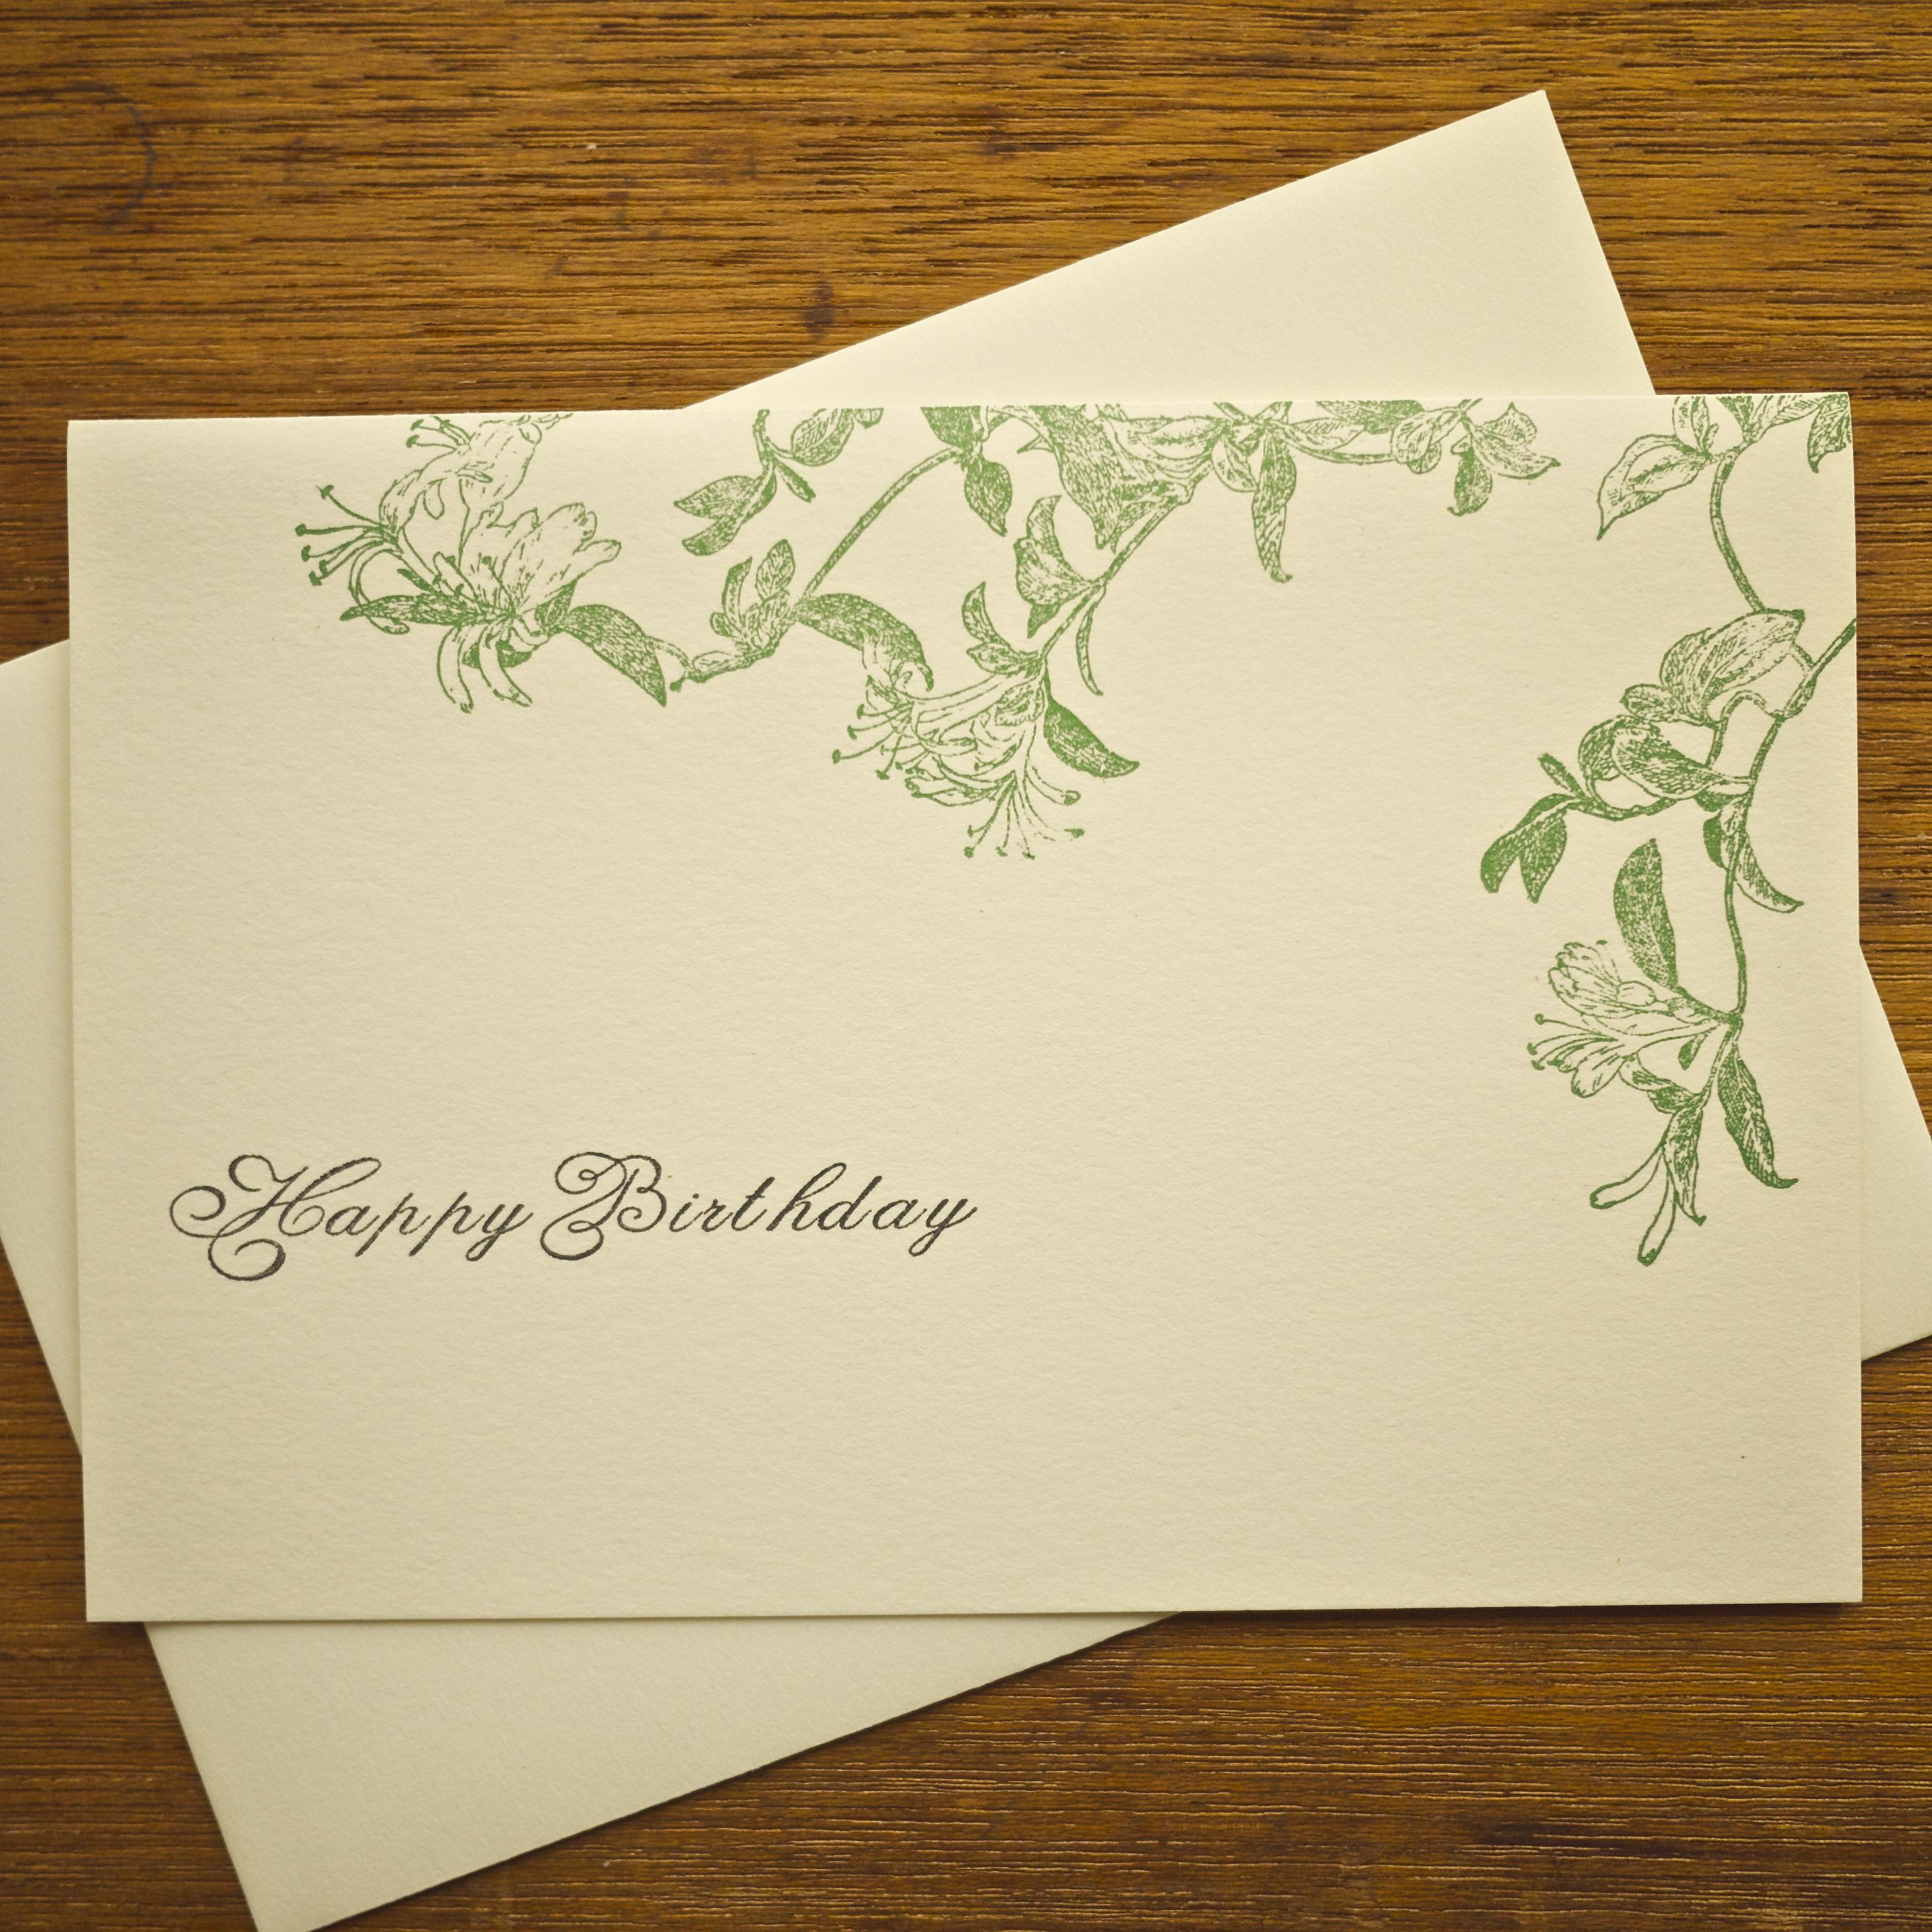 birthday card ハニーサックル(スイカズラ)148×105mm